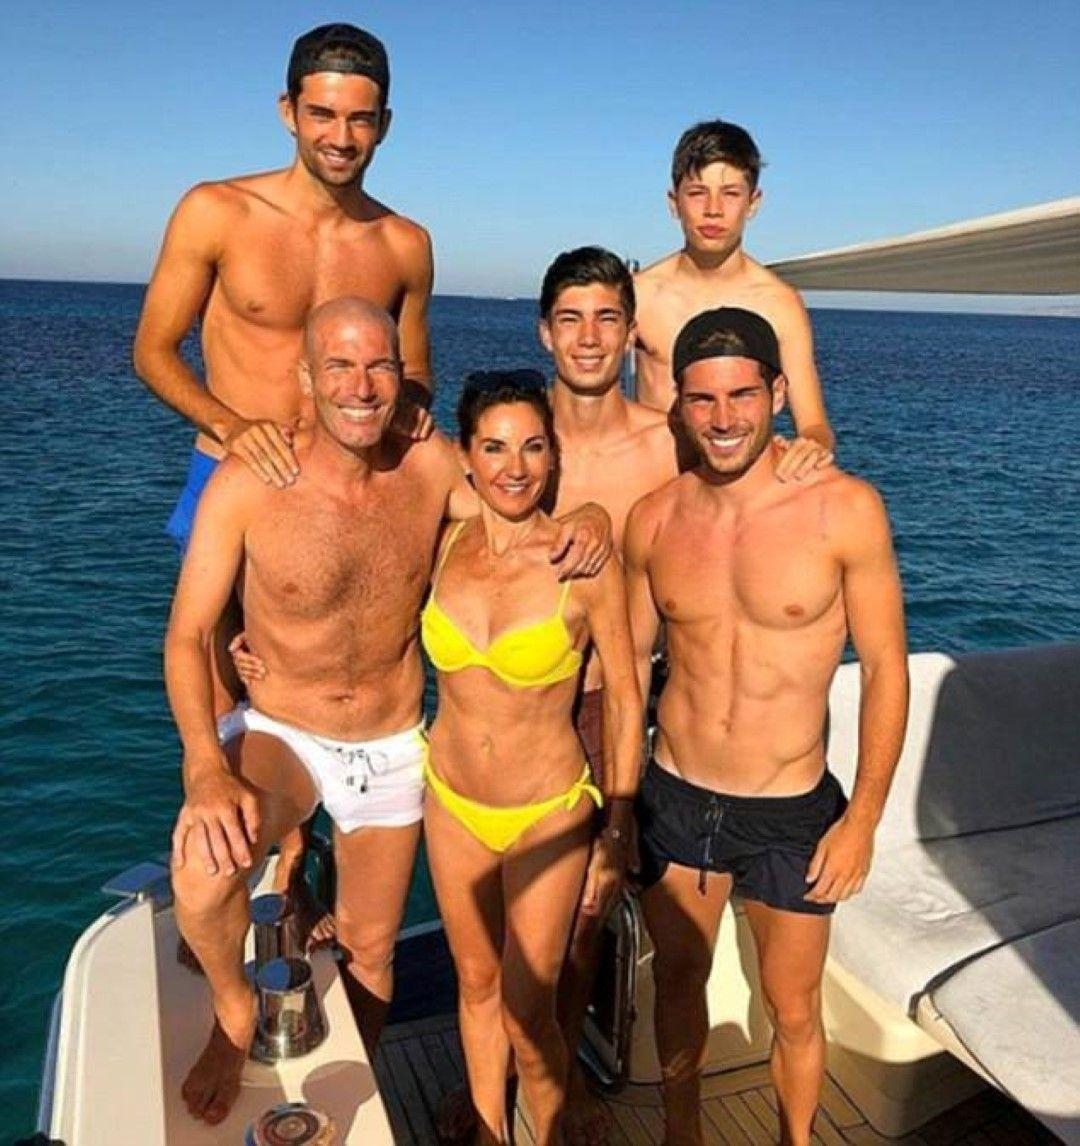 """Зинедин Язид Зидан - епоха във футбола като играч и треньор,   в момента се радва на ваканция след напускането на """"Реал"""". И   се появи снимка на семейството - със съпругата Вероник и с   четиримата синове."""